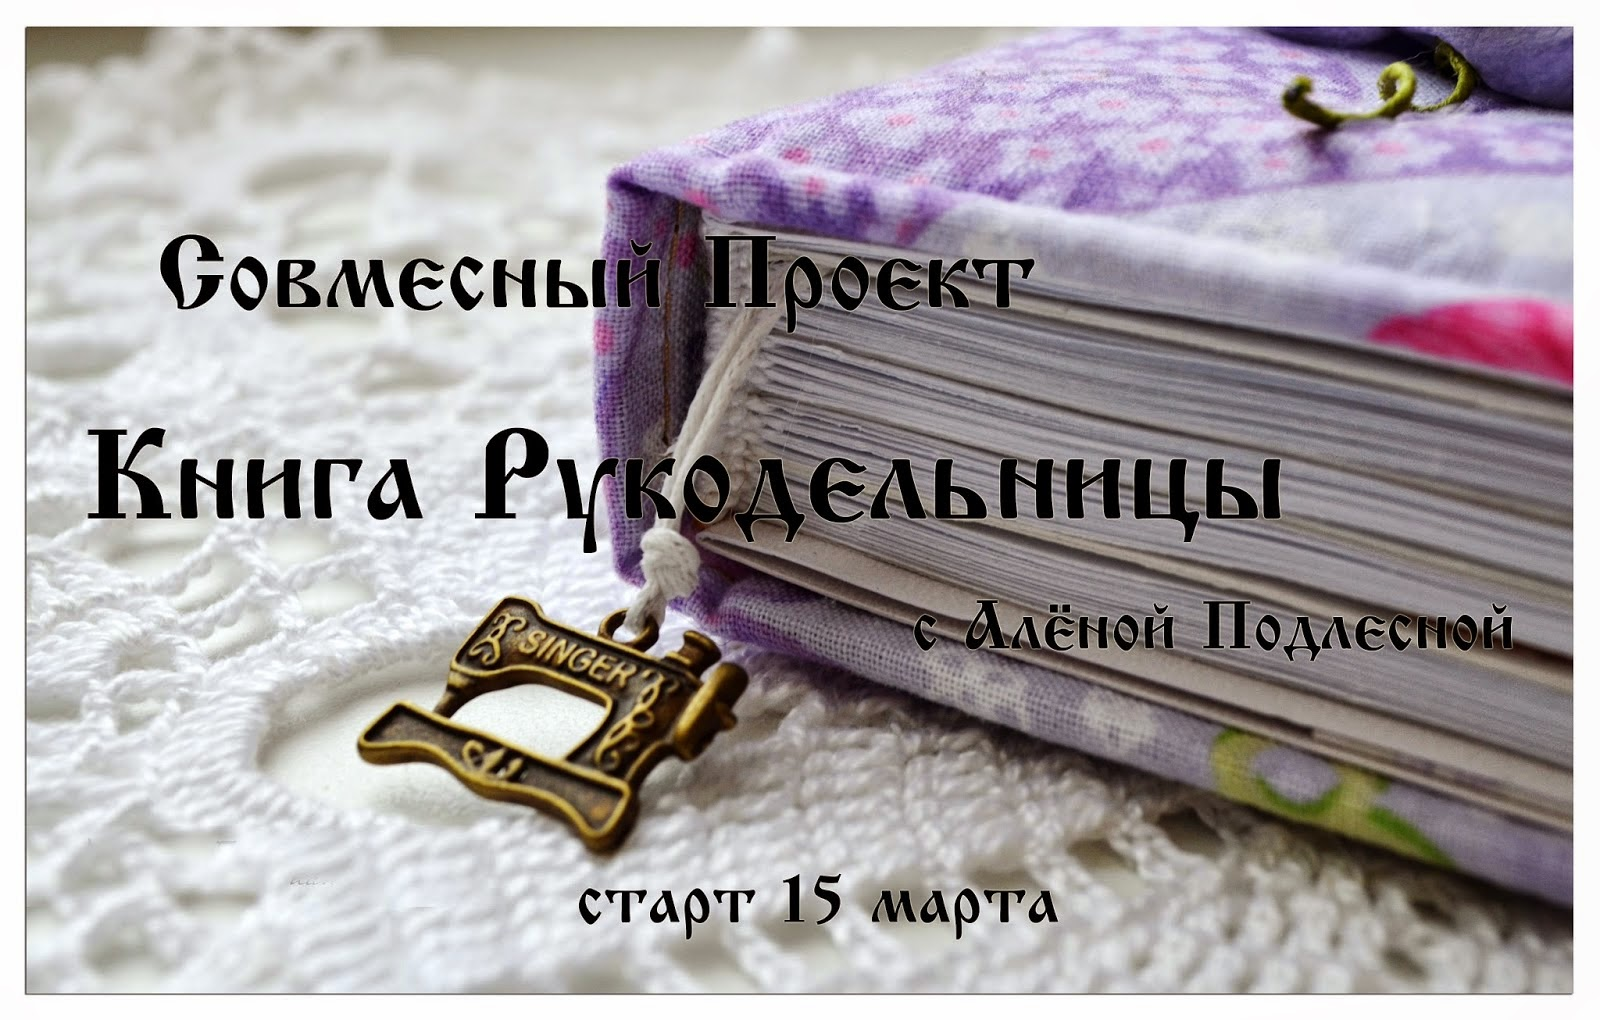 СП  Книга Рукодельная